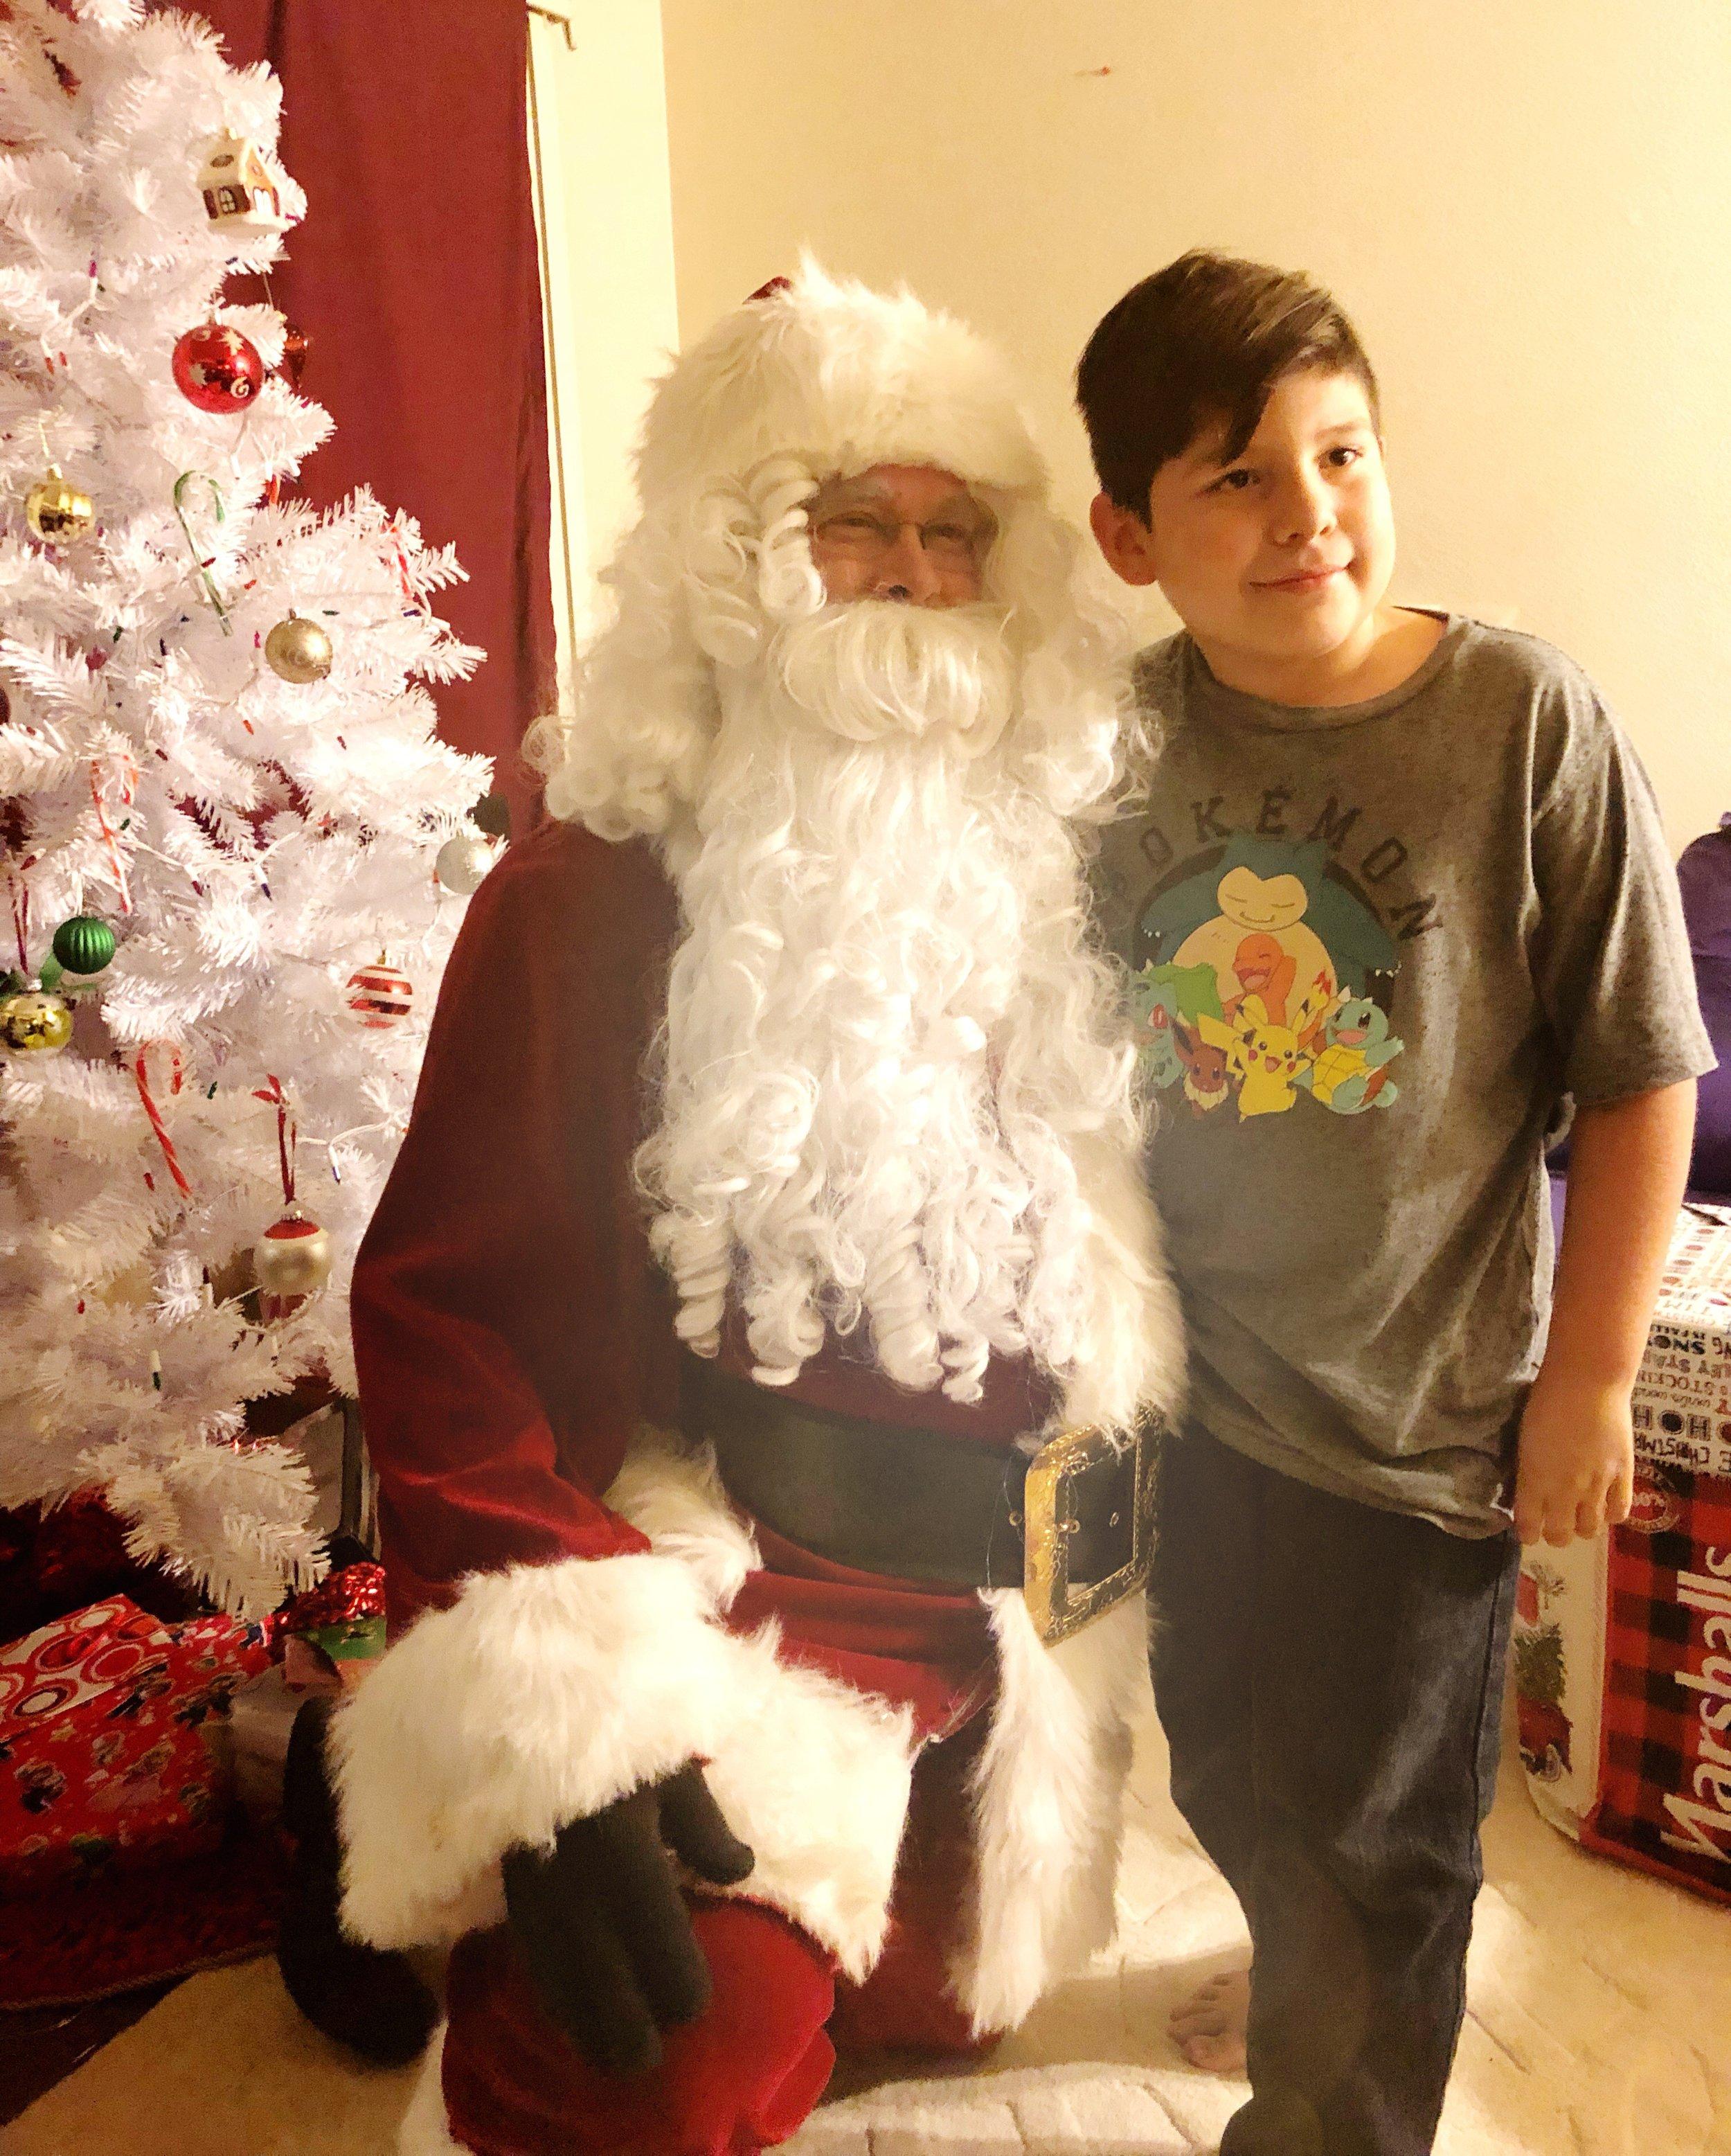 Santa visiting the second boy